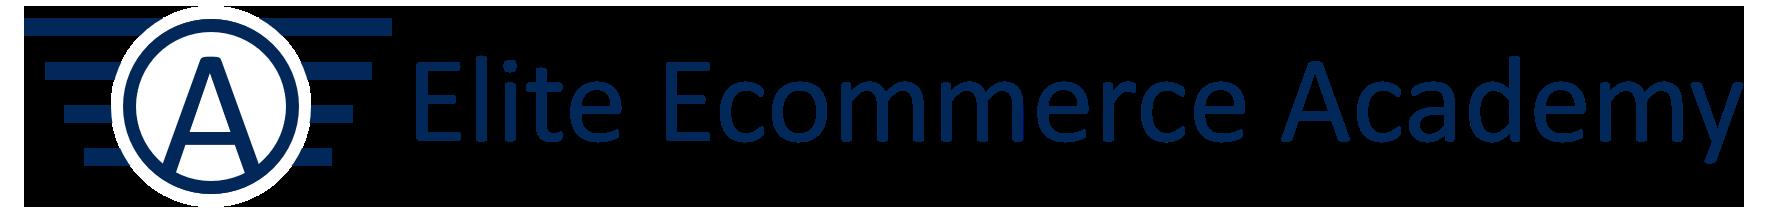 Elite Ecommerce Academy